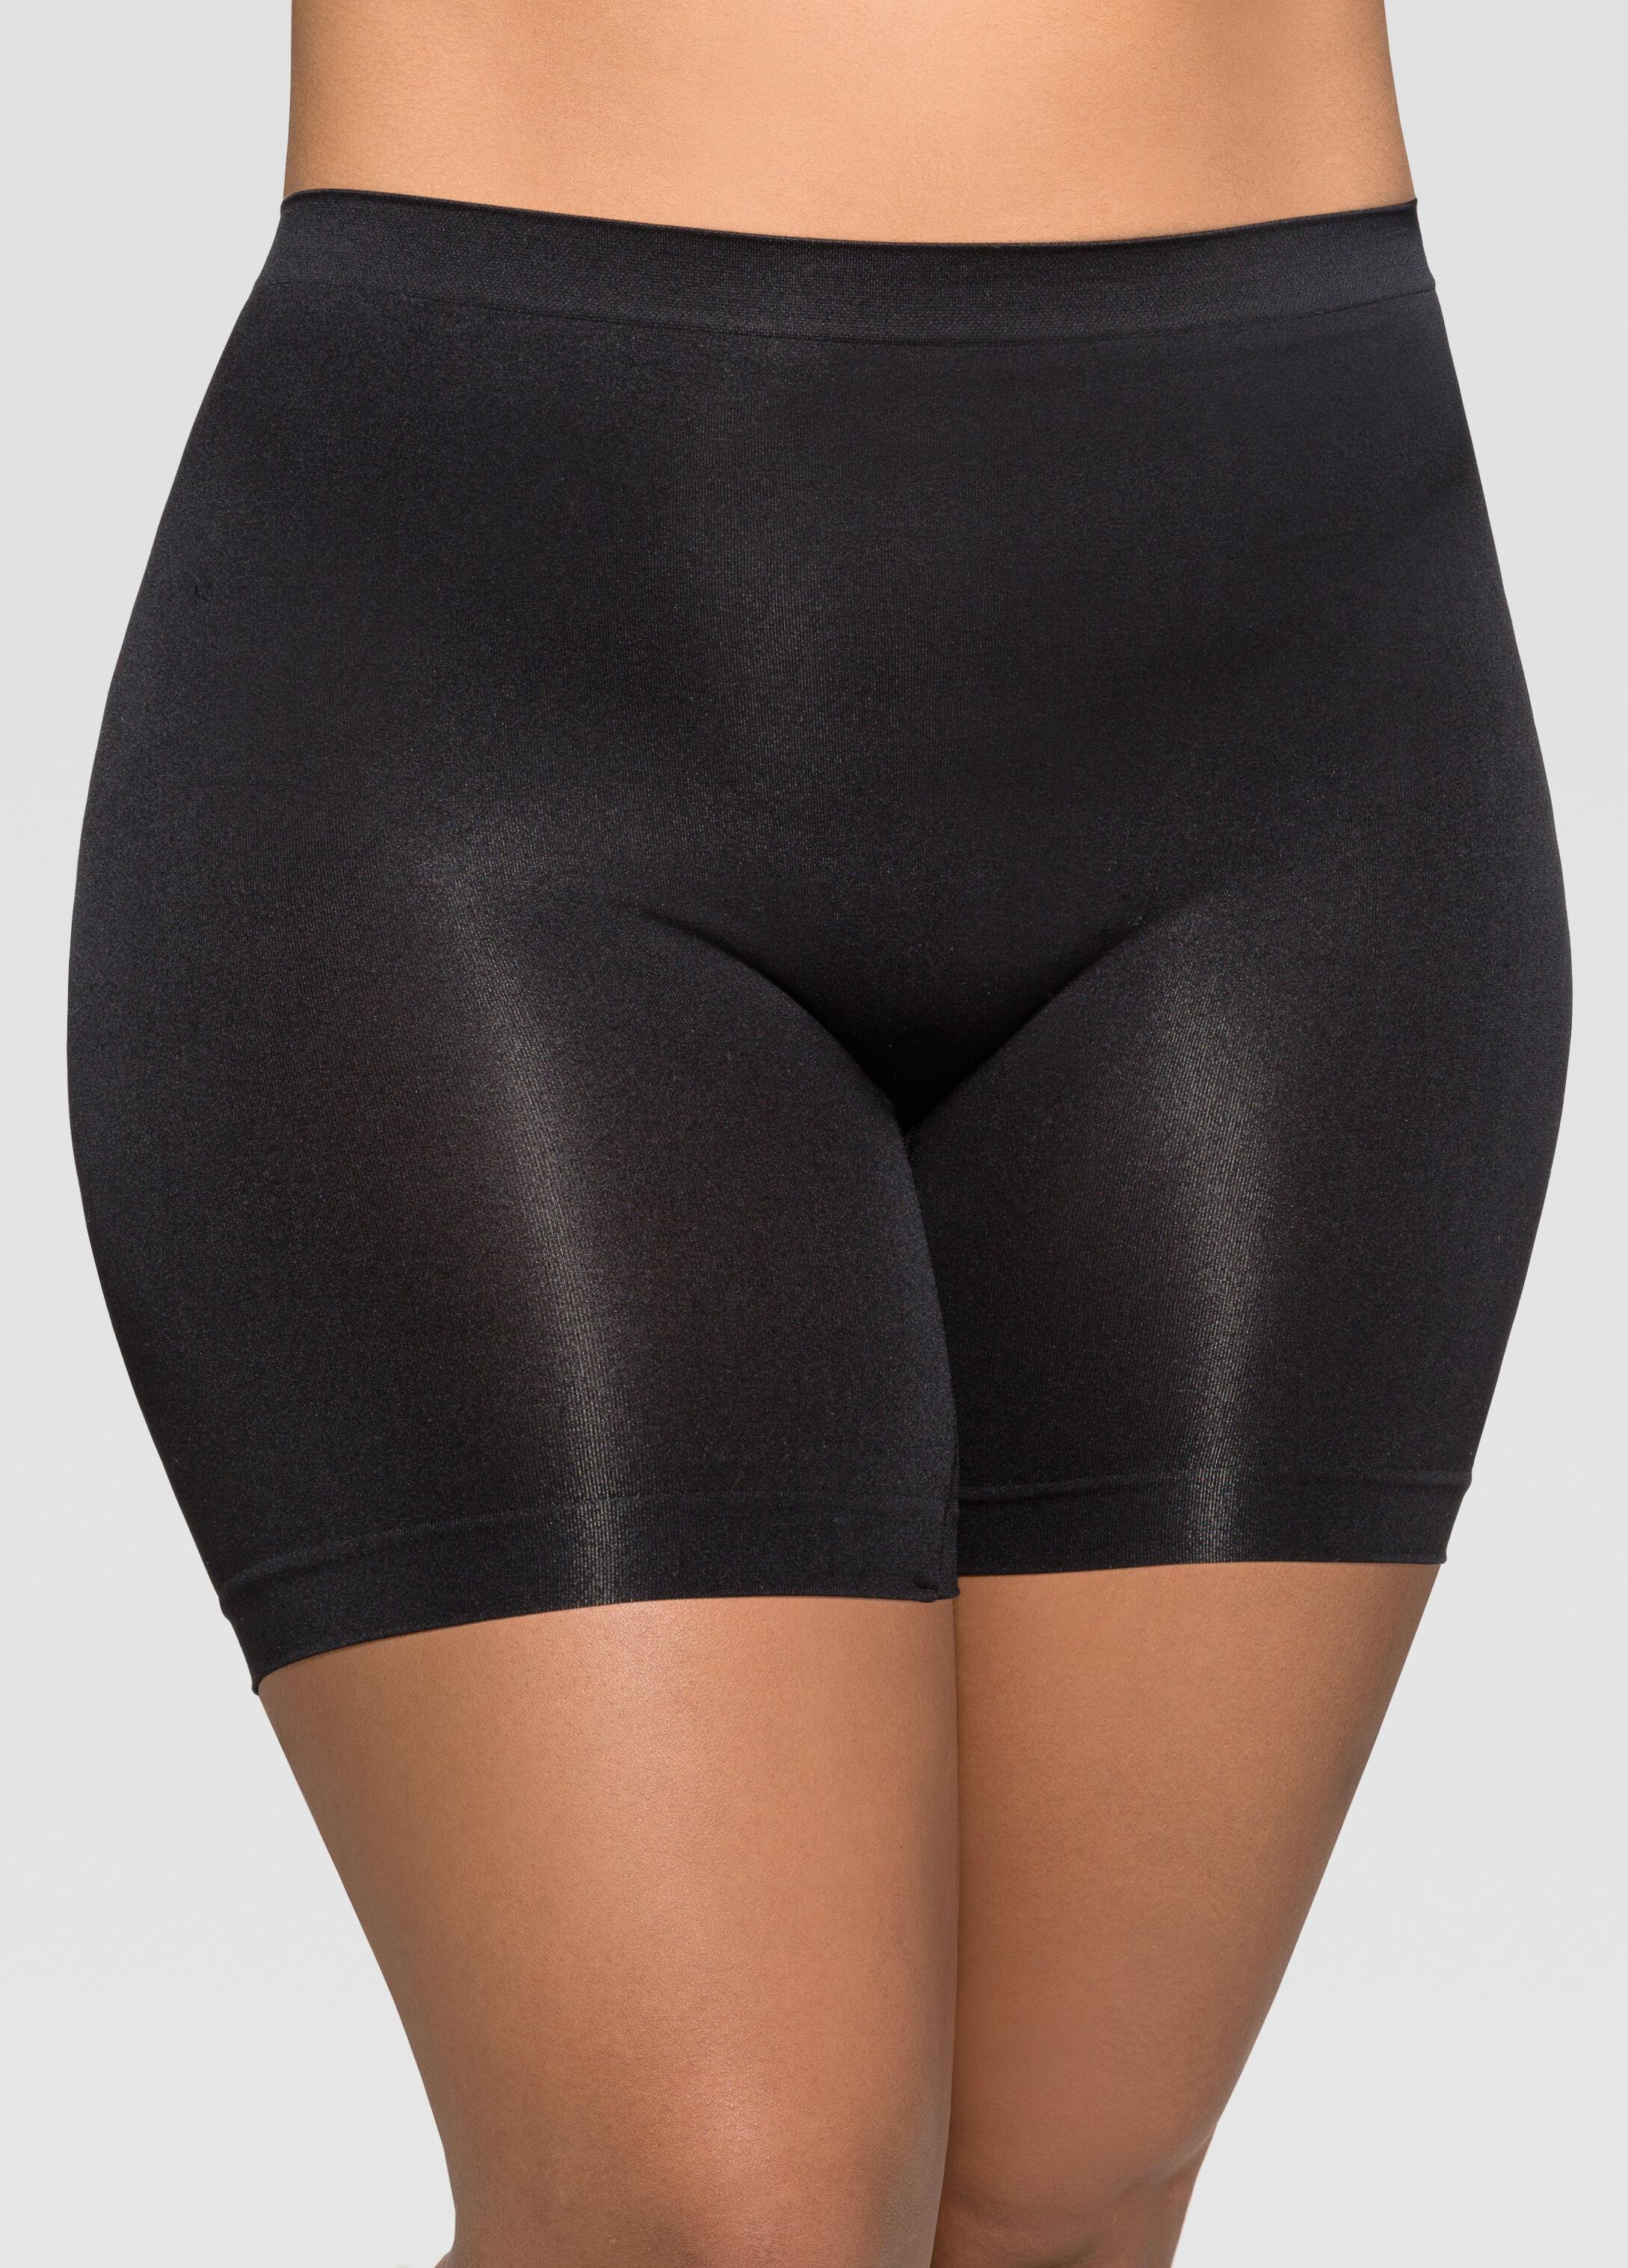 Smoothing Shaping Shorts